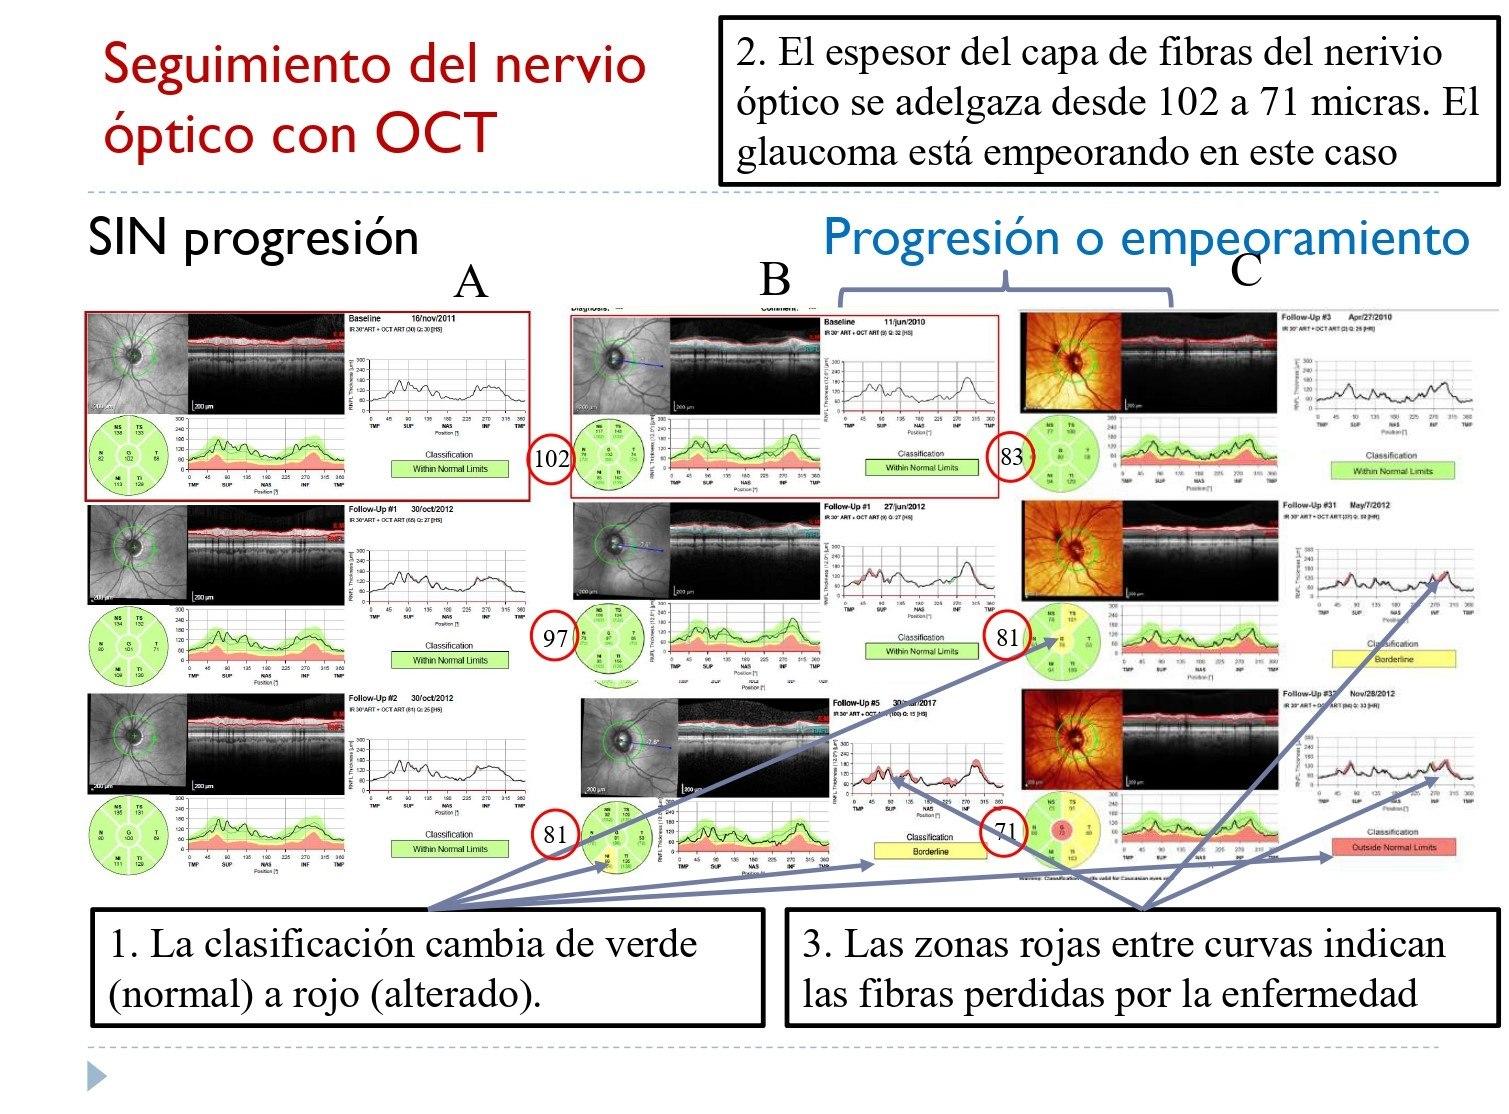 El doctor ha presentado diferentes imágenes obtenidas con OCT sobre la progresión del nervio óptico.